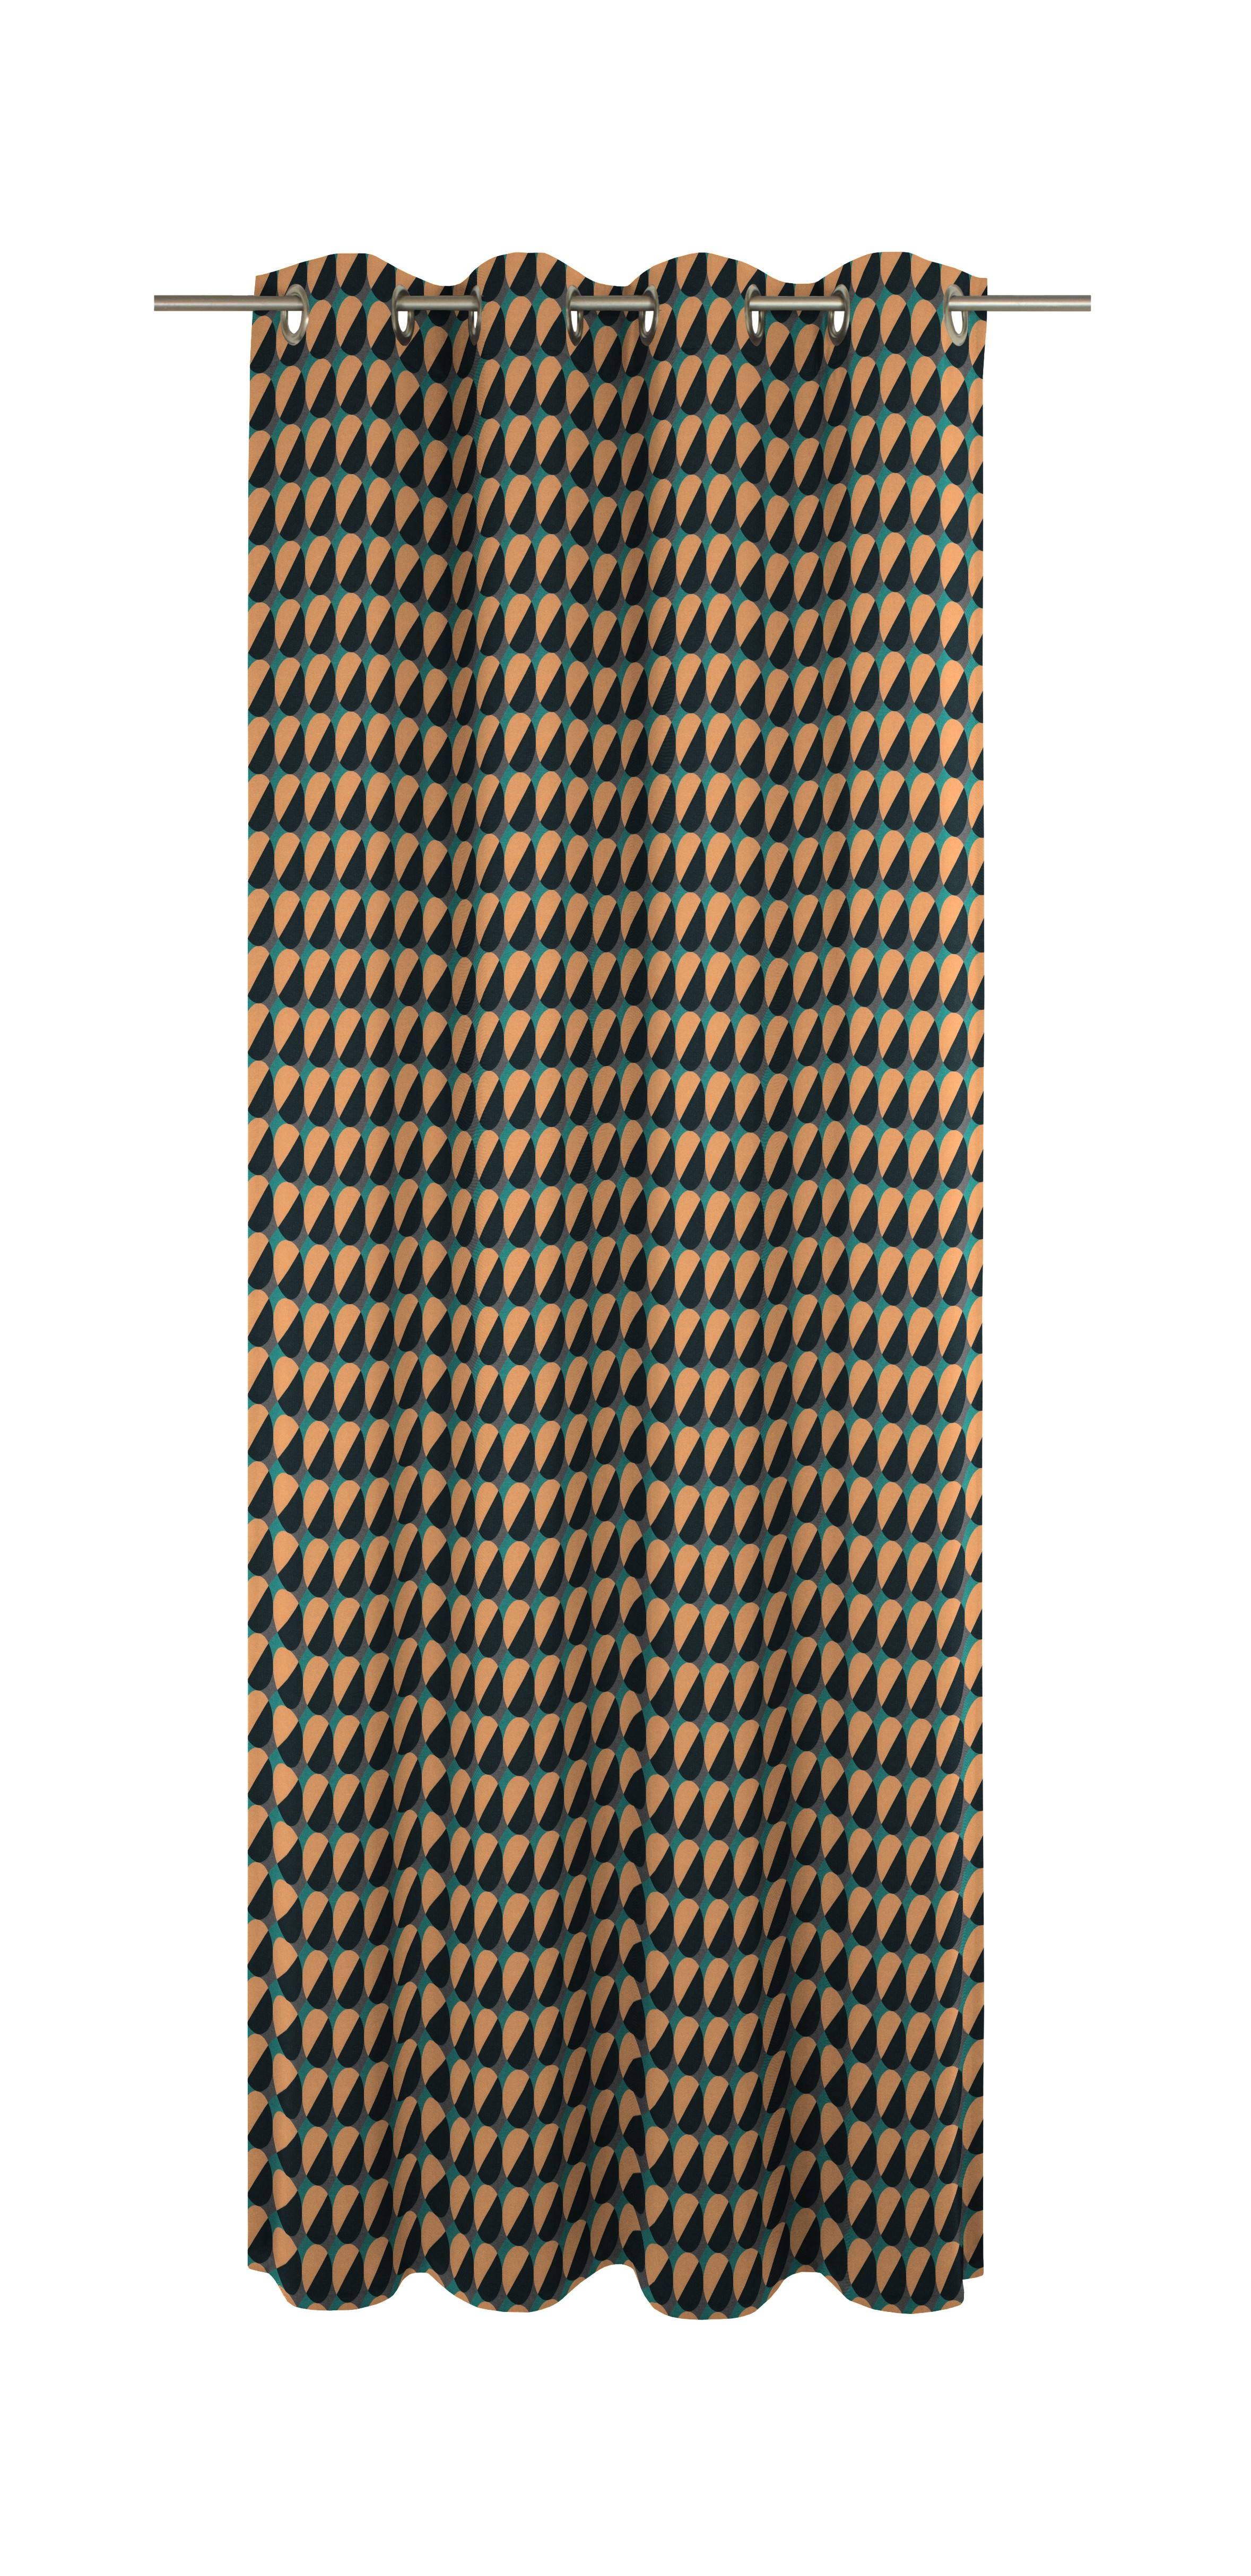 Bedruckter Vorhang 'Circles'